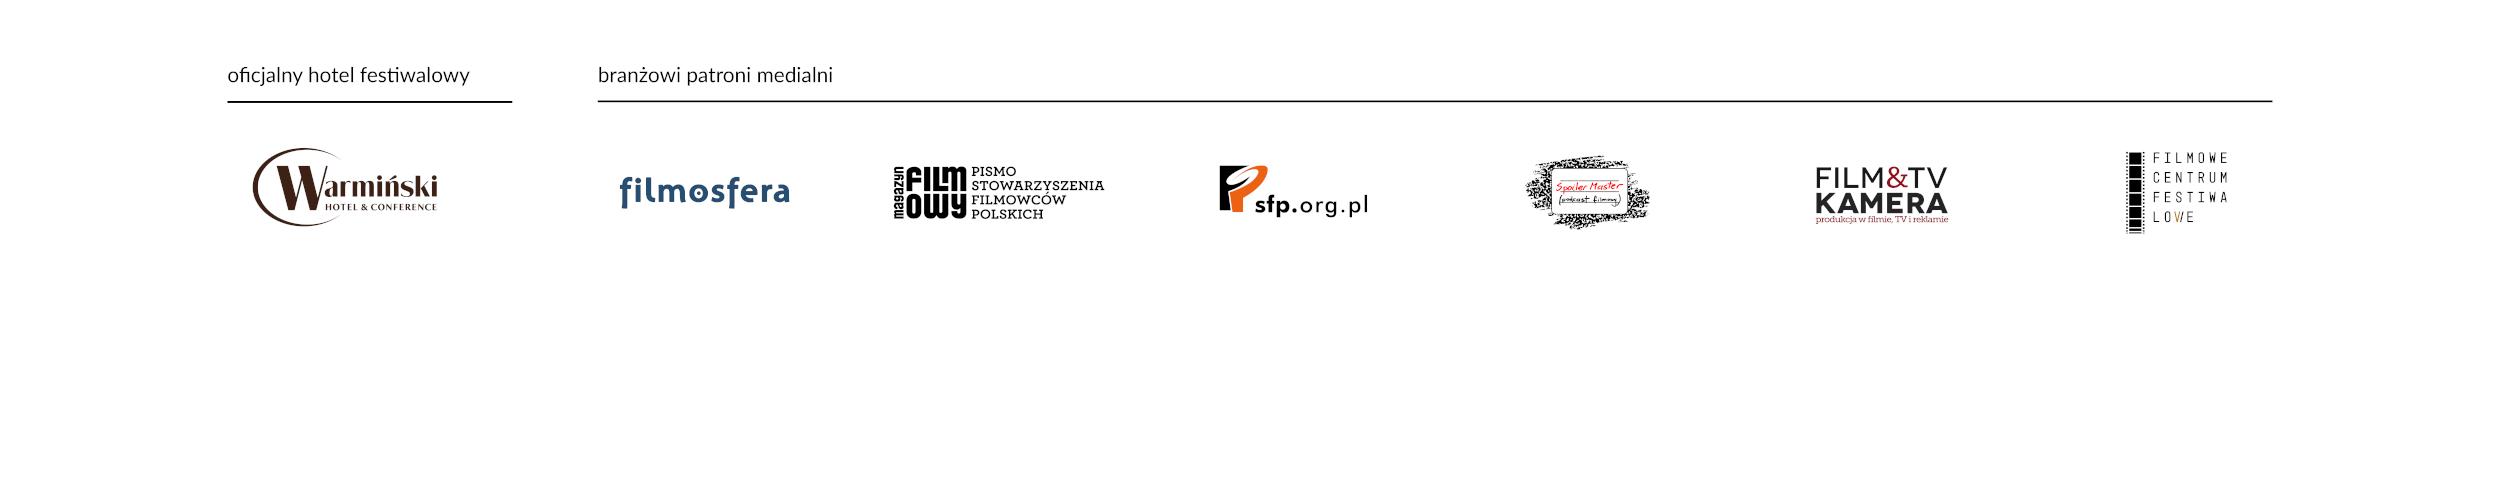 slider_logo_2021-6